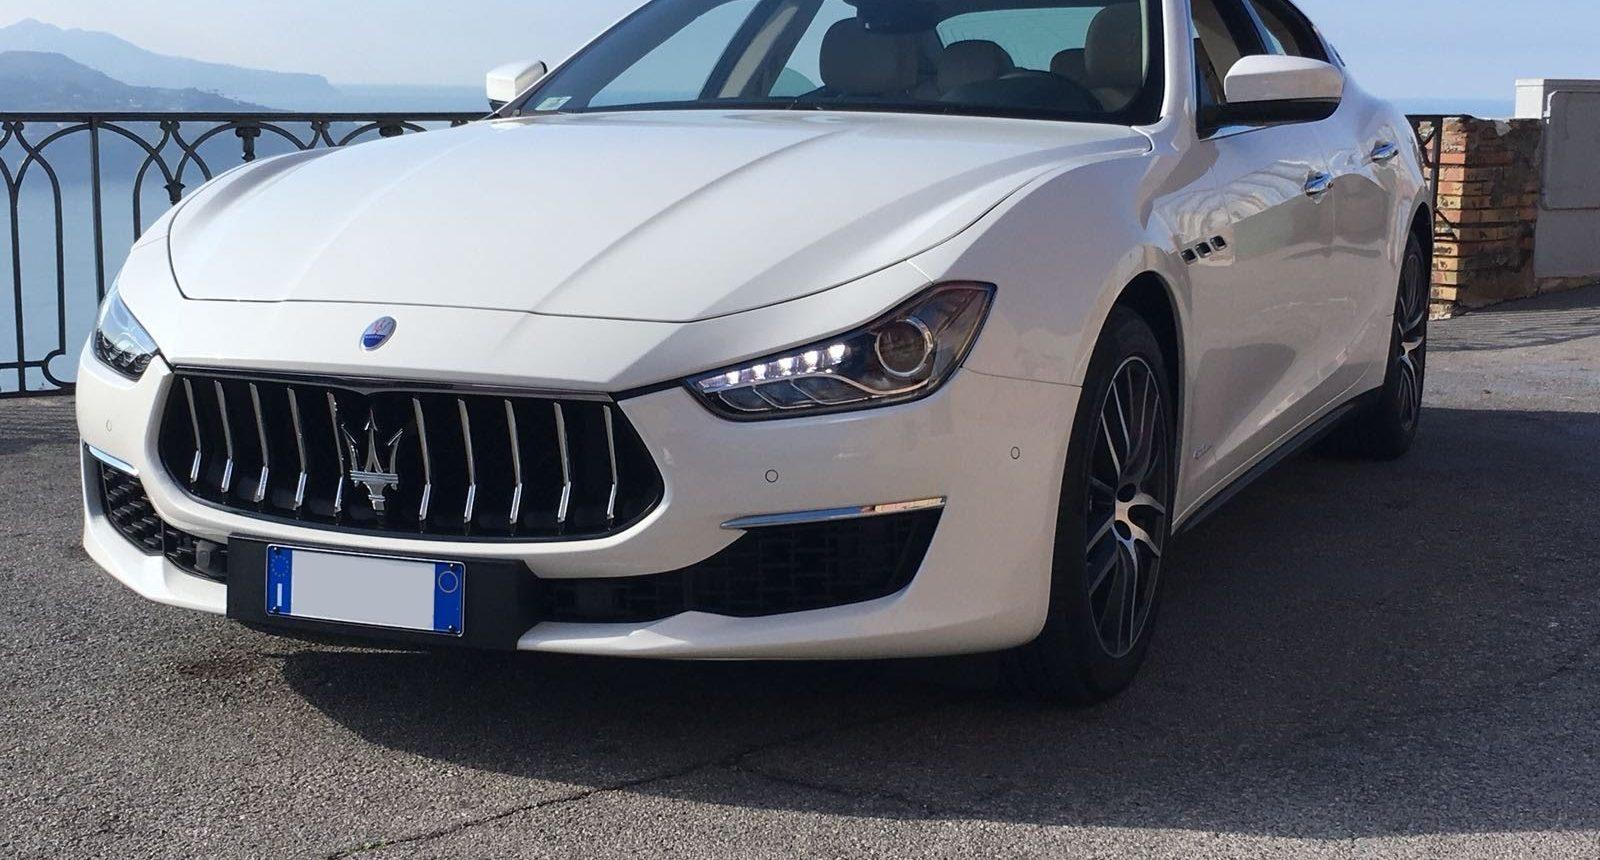 Maserati Ghibli ultimo modello o meglio definita Gran Lusso. Si tratta di una Maserati Bianca con interni avorio, frontale grintoso è adatta per qualsiasi tipo di esigenza.